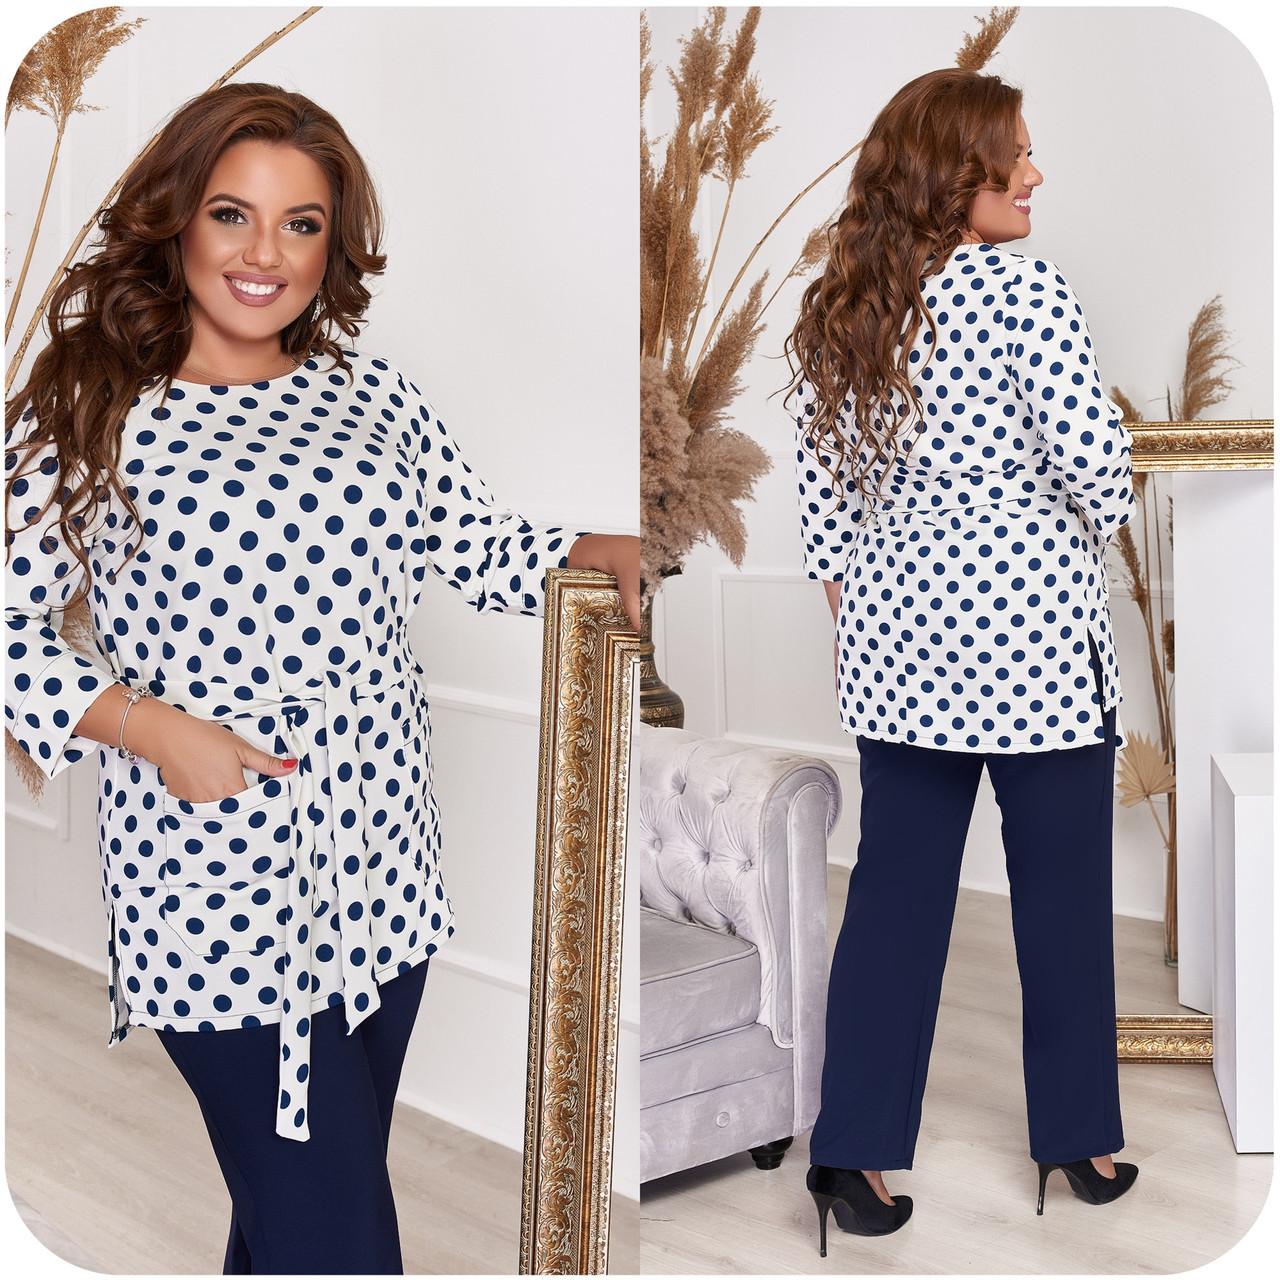 Стильный костюм двойка блуза-туника + брюки, разные цвета,р.48-50,52-54,56-58,60-62,64-66 Код 3362Ф